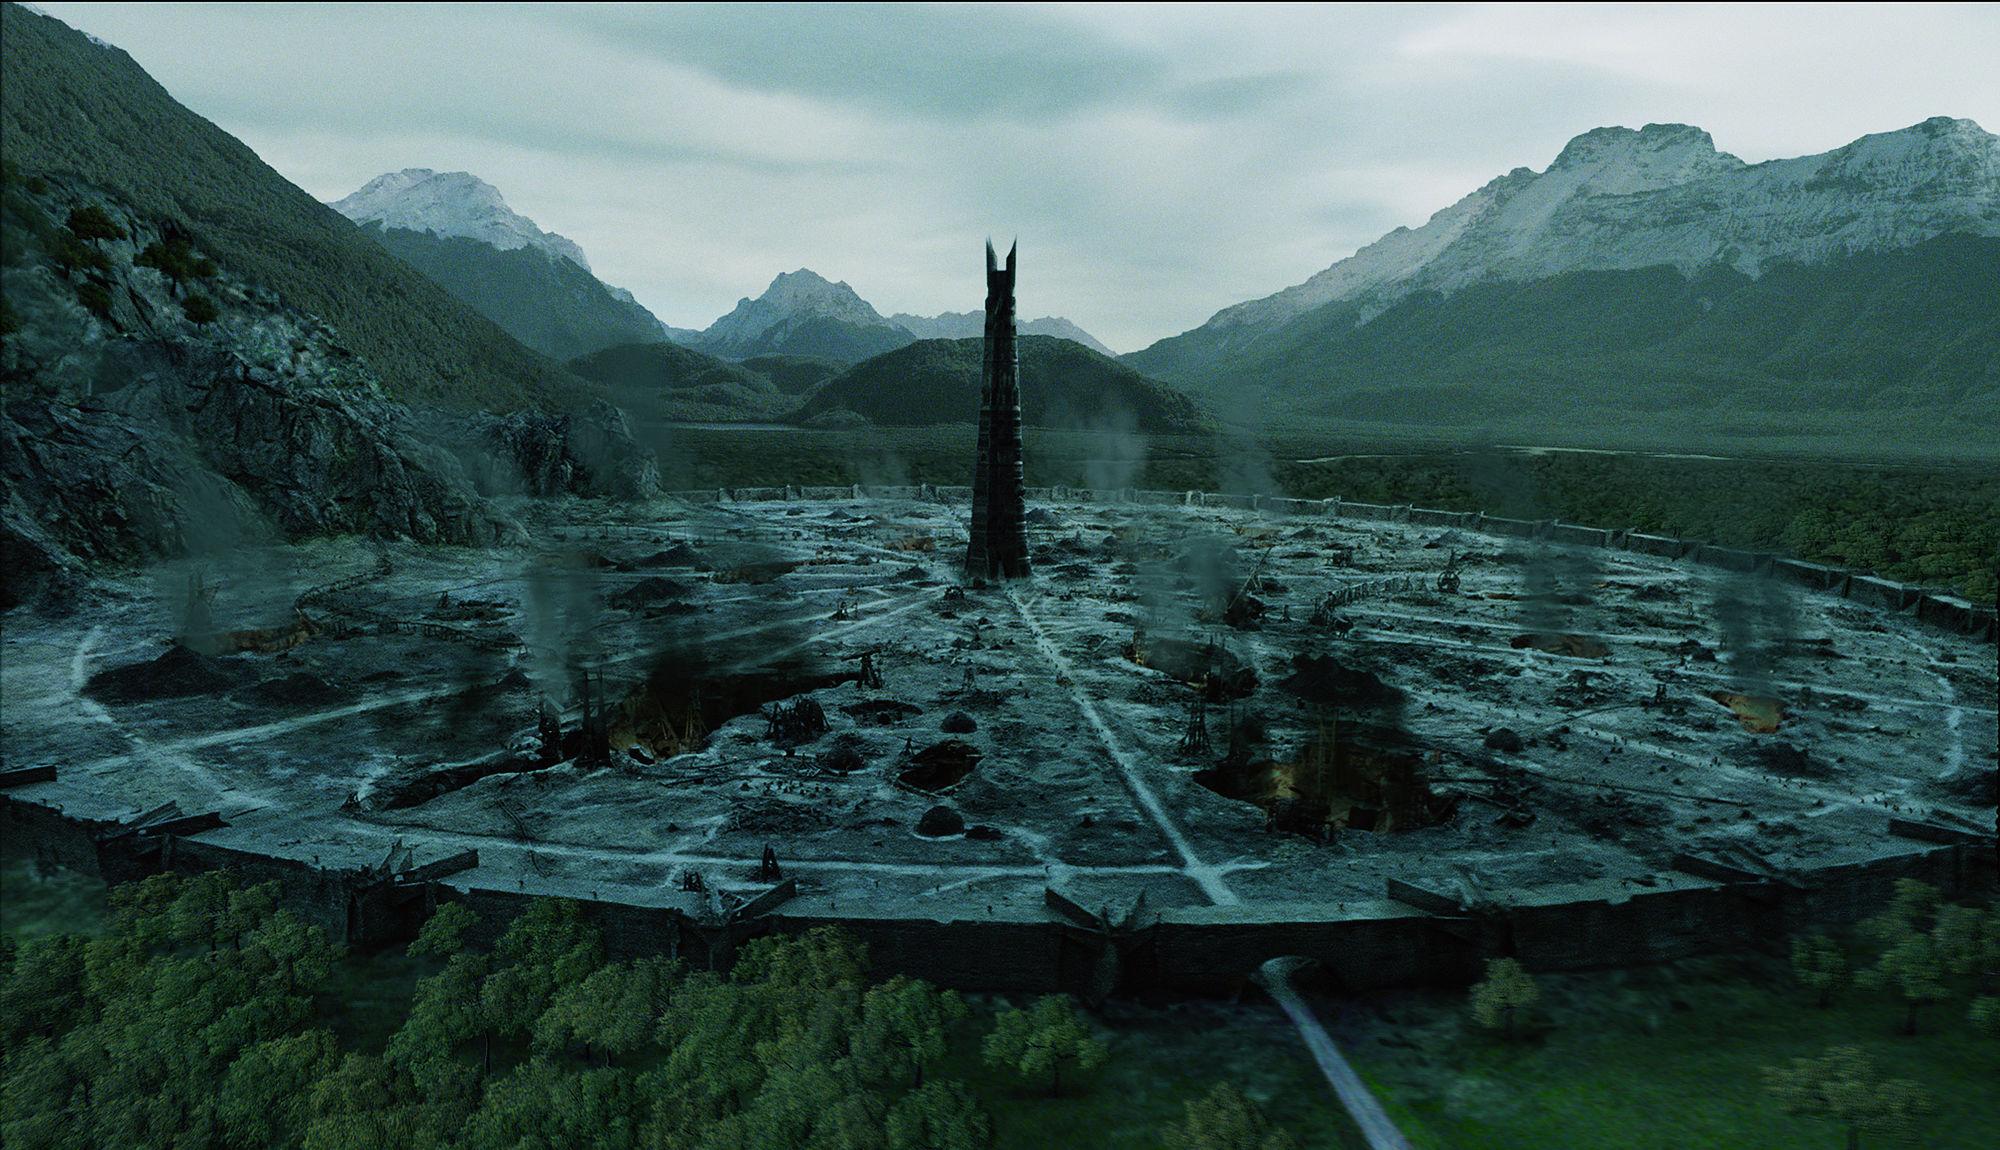 Veduta di Isengard in una scena di Il signore degli anelli - Le due torri